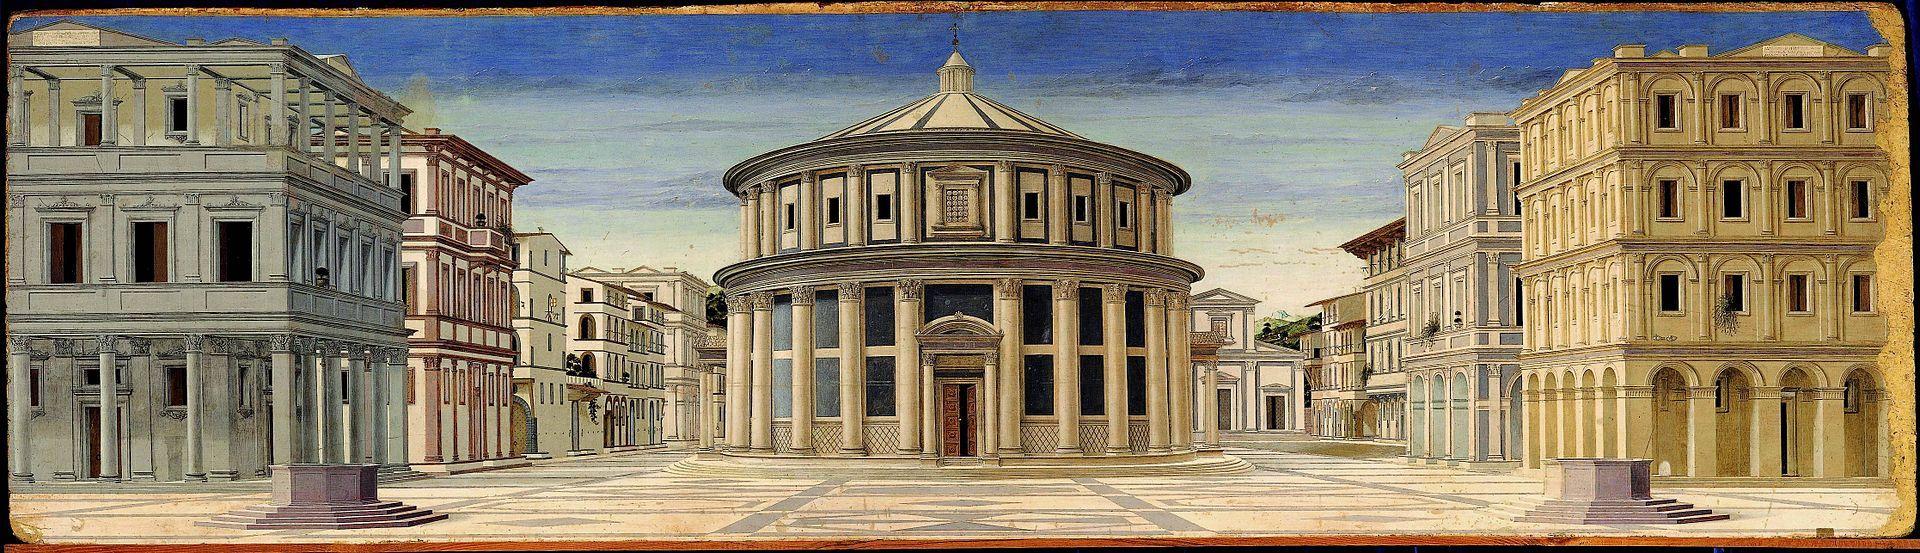 Figura 2. Piero della Francesca ou Francesco di Giorgio Martini, Cidade Ideal (1460). Galleria Nazionale delle Marche, Urbino